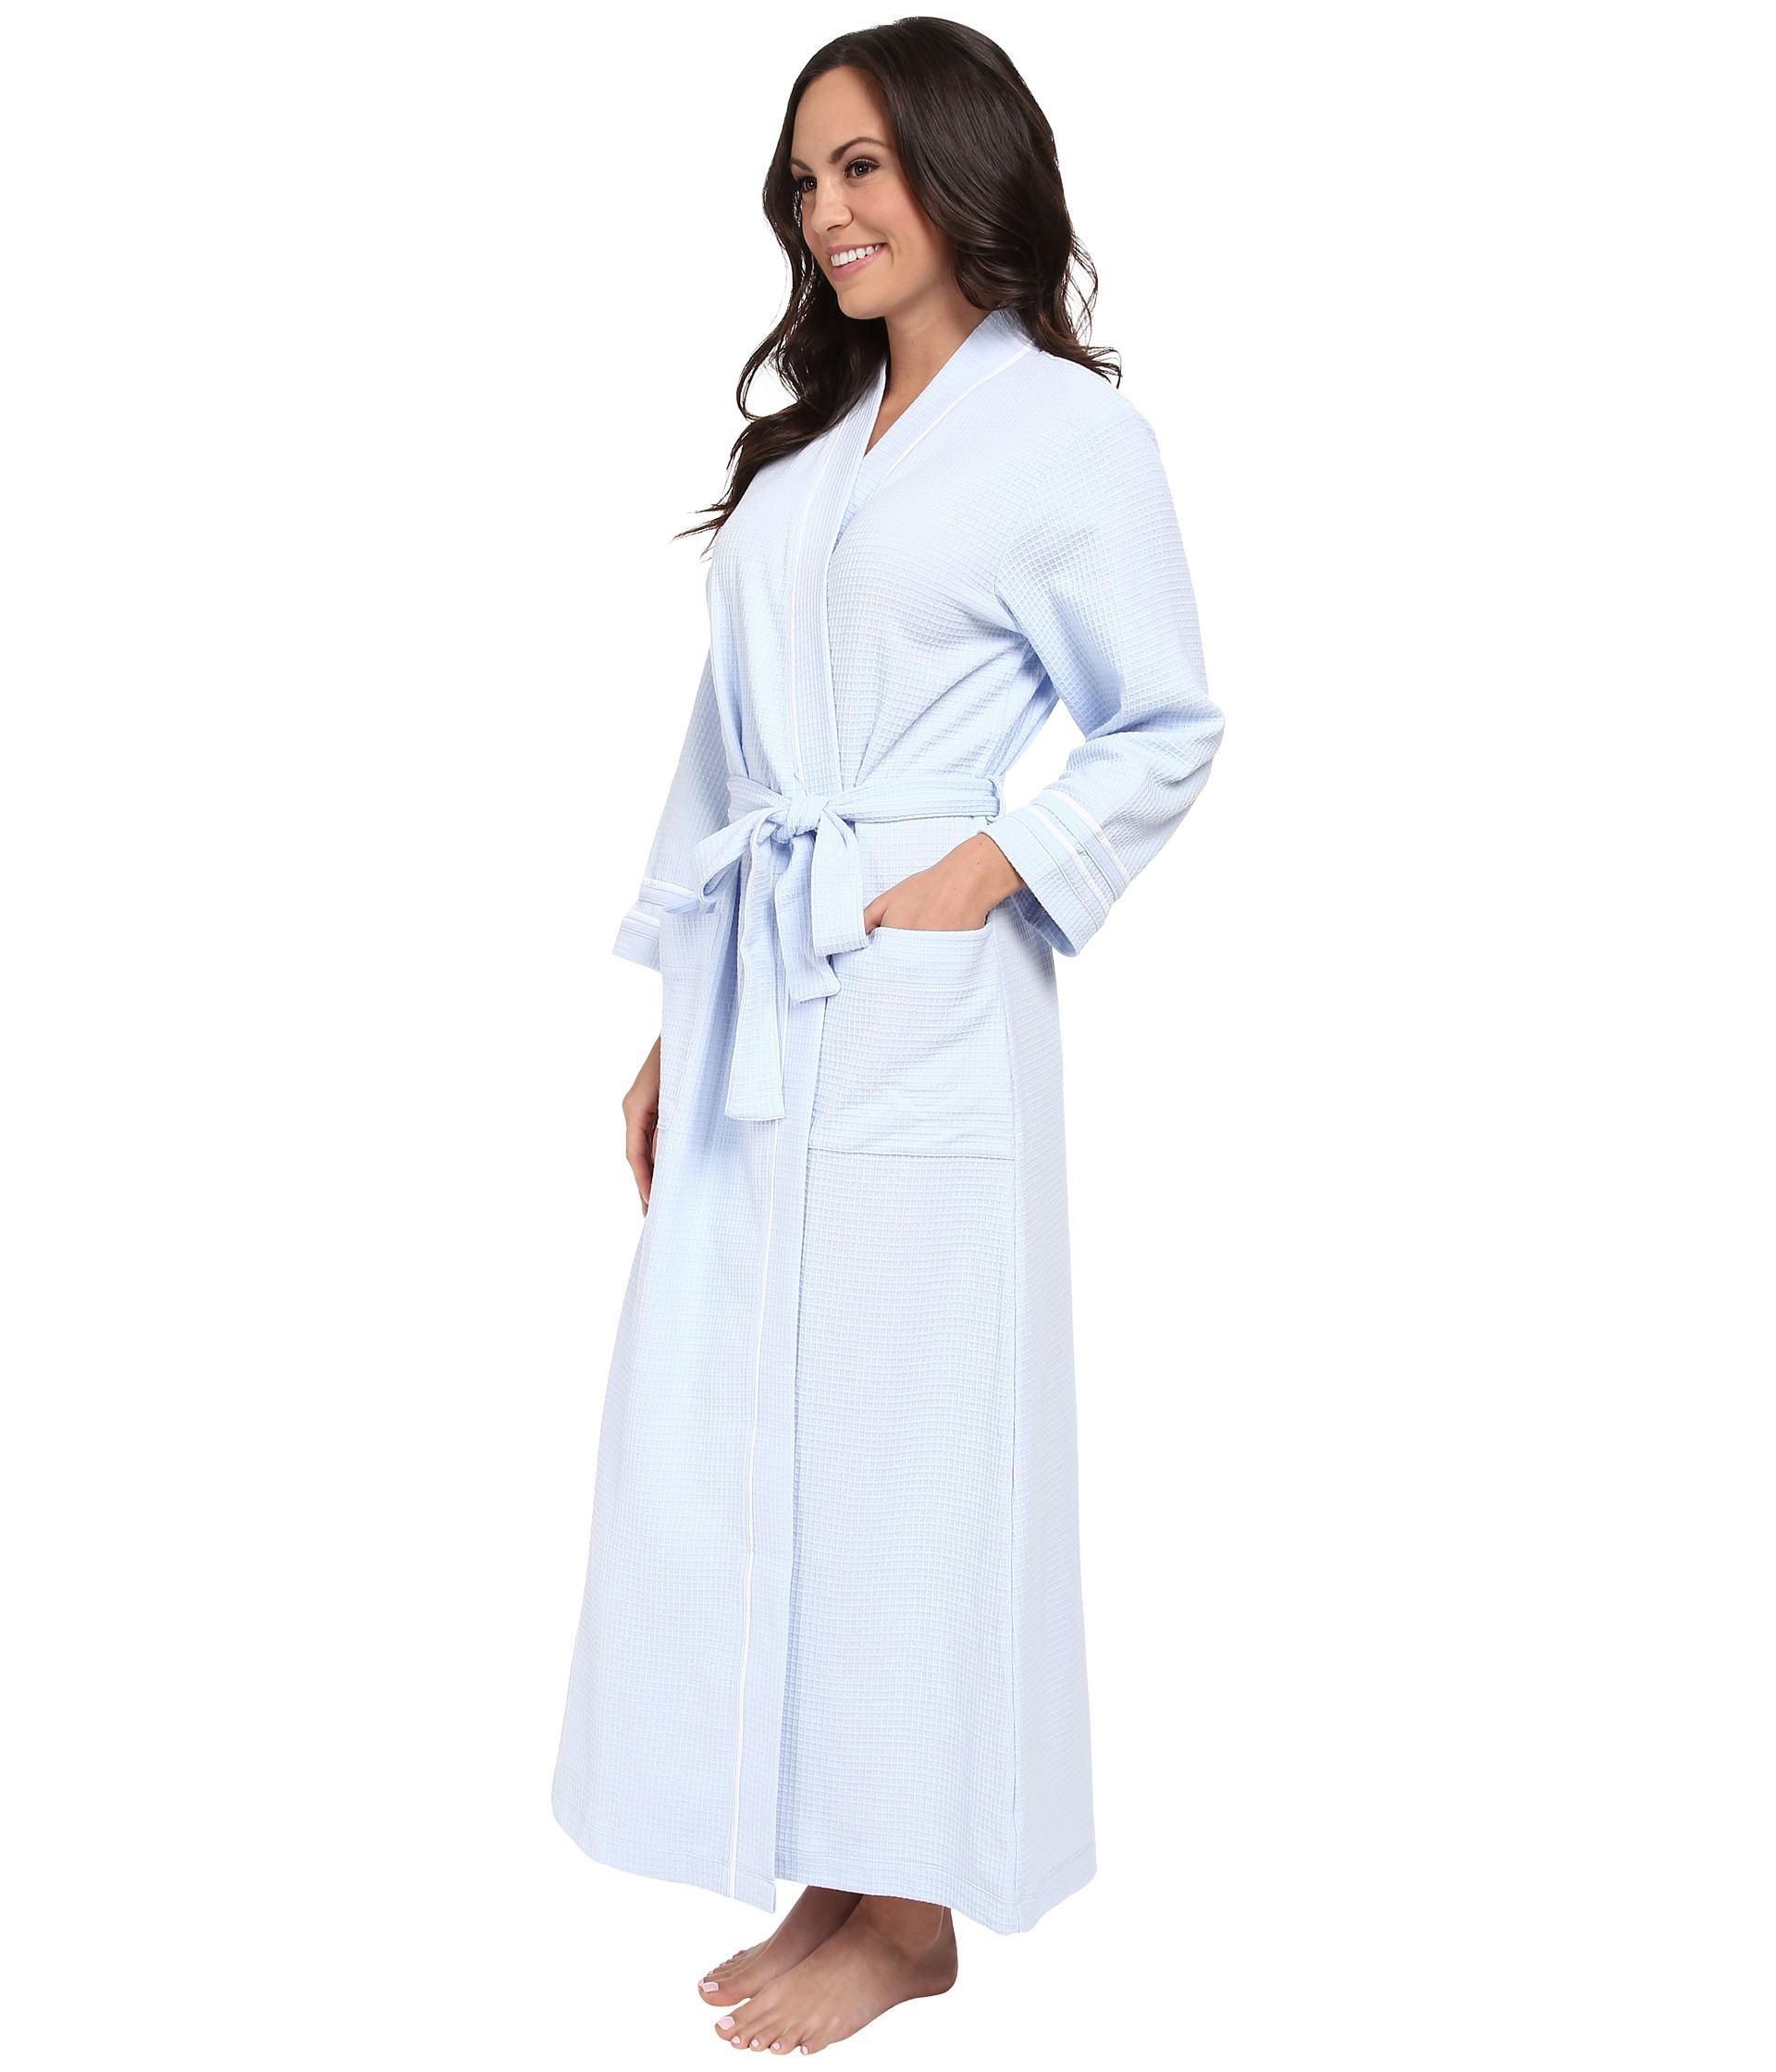 Lyst - Carole Hochman Waffle Knit Long Robe in Blue